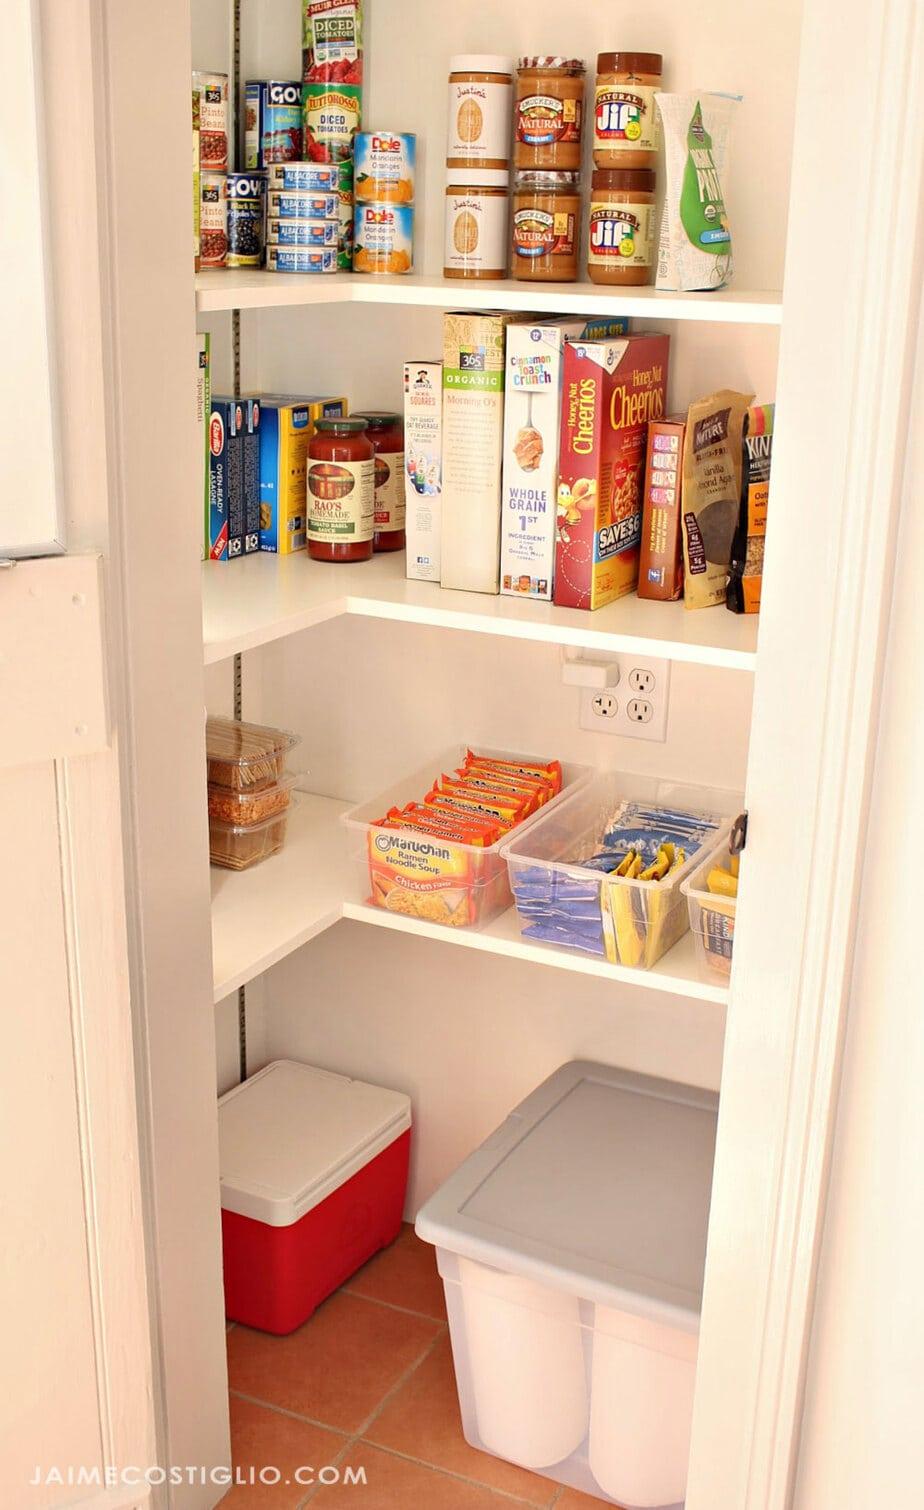 plastic storage bins in pantry